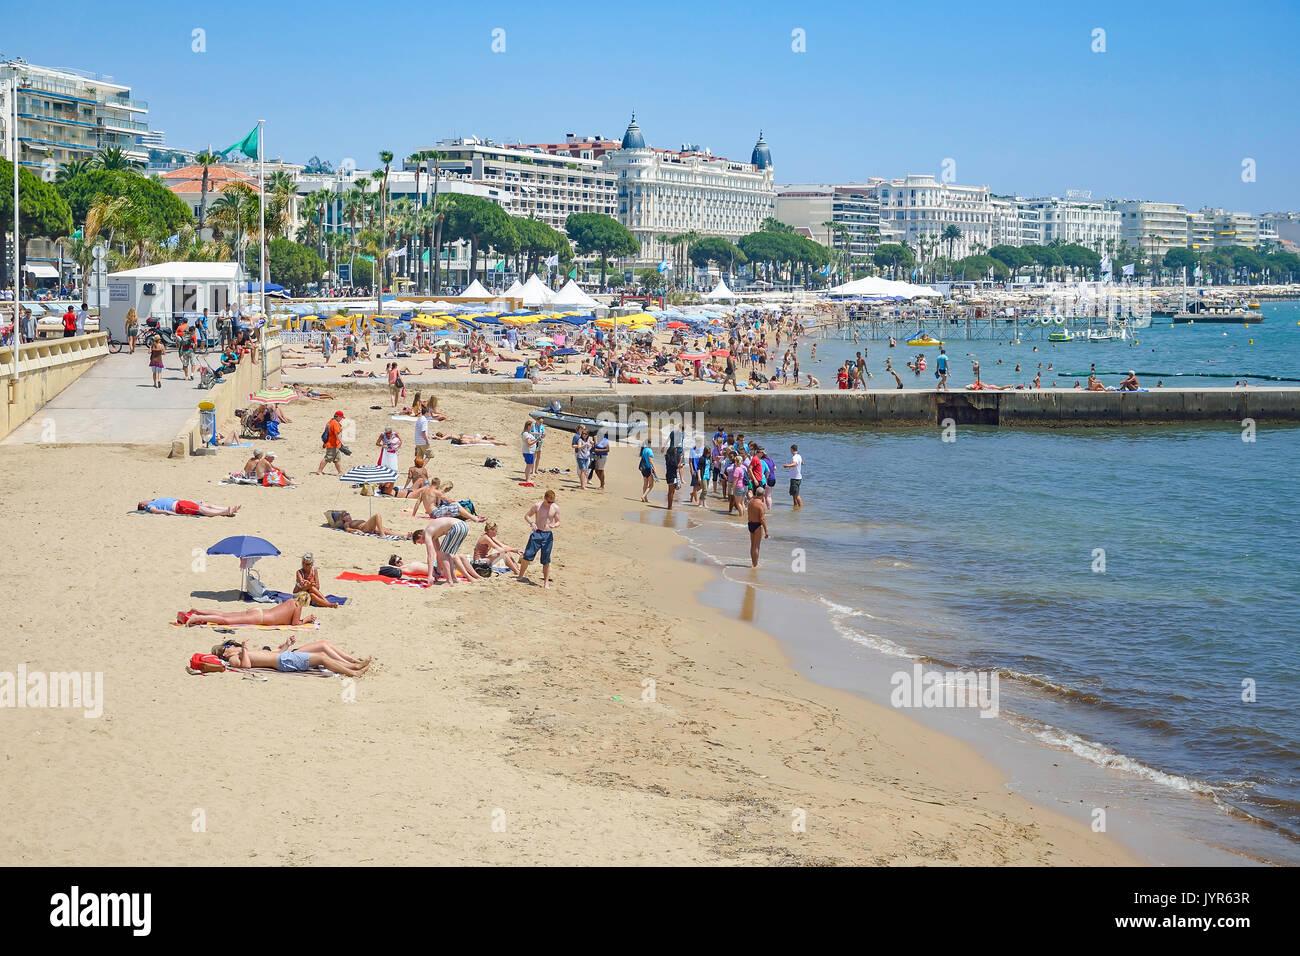 Plage Publique (public beach), Cannes, Côte d'Azur, Alpes-Maritimes, Provence-Alpes-Côte d'Azur, France - Stock Image